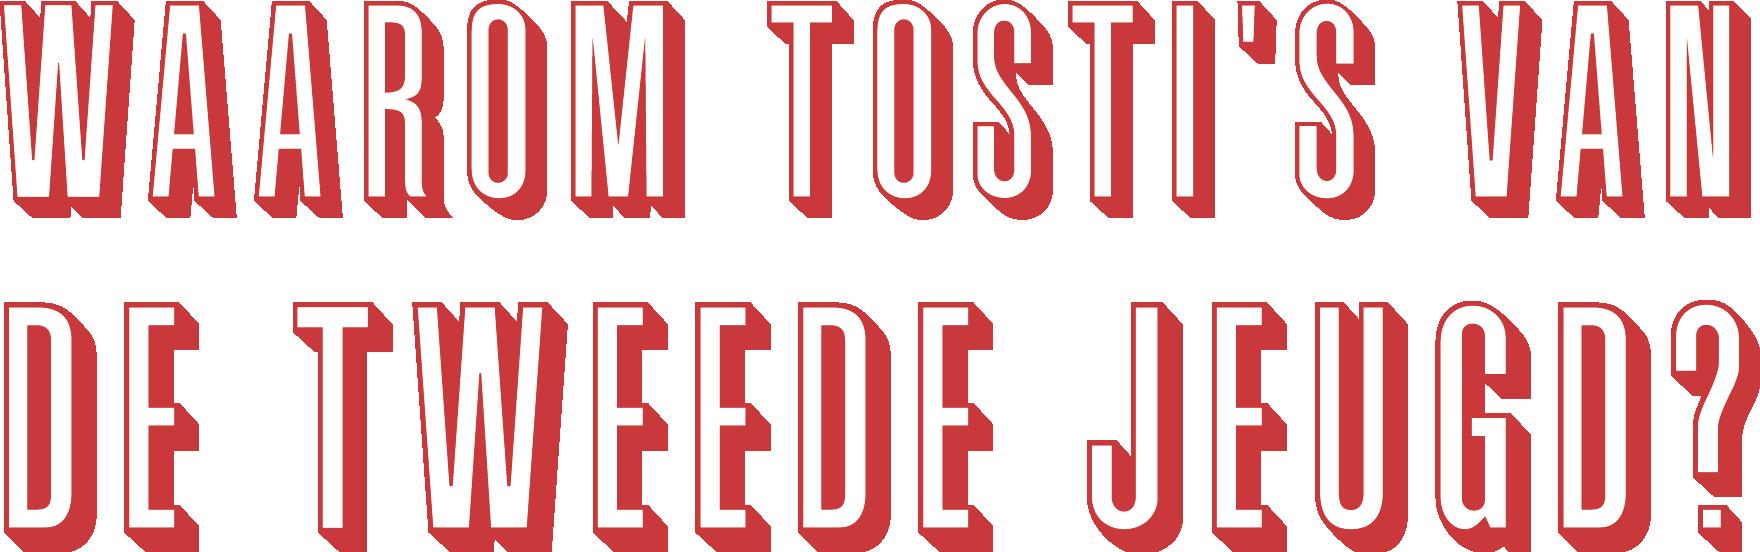 WEBSITE ELEMENTEN NIEUWE HUISSTIJL_waarom tosti's van de tweede jeugd.png